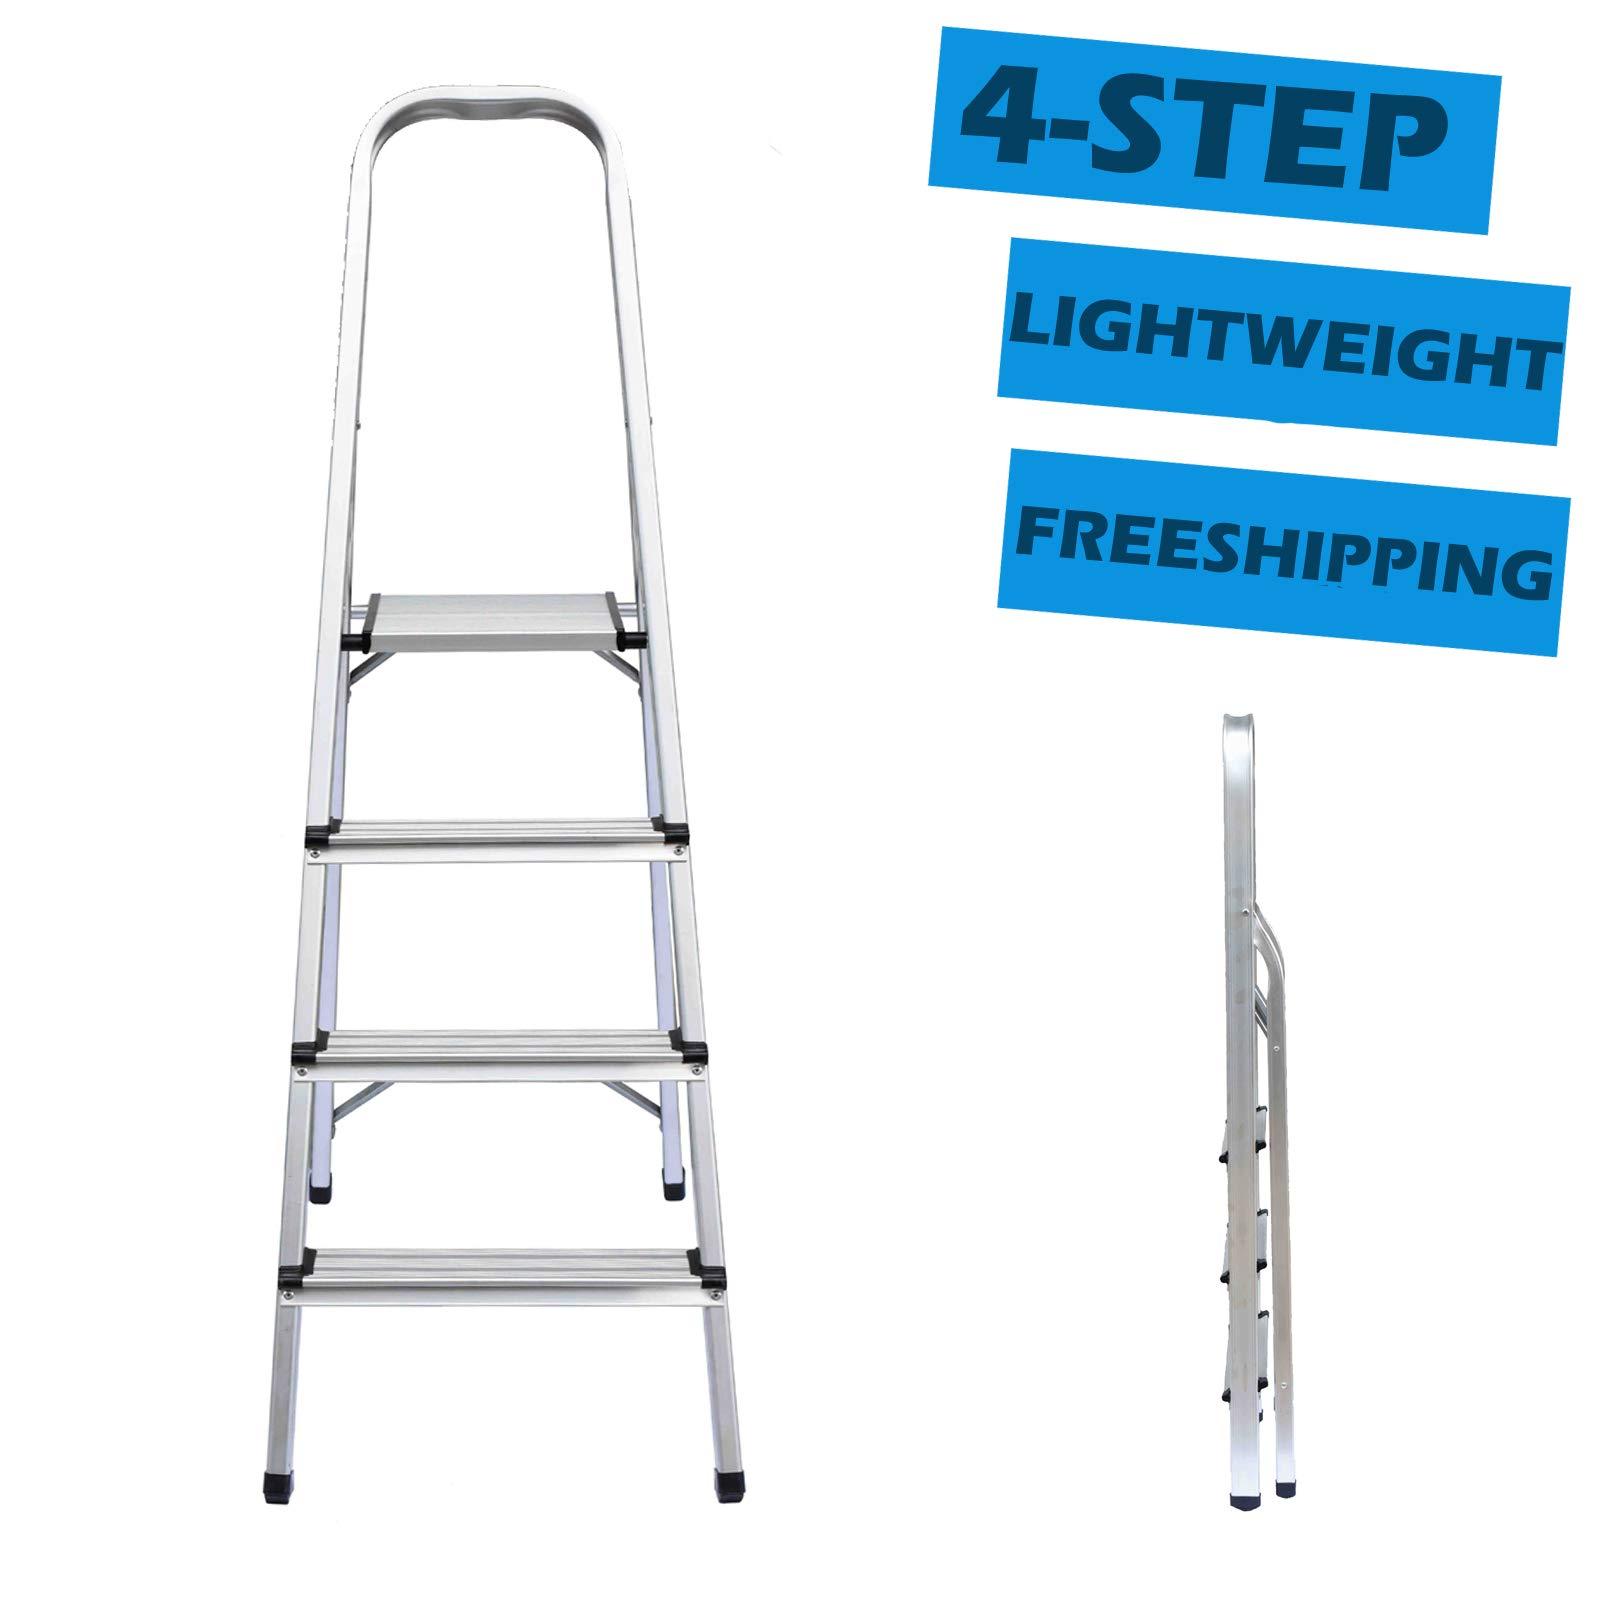 Escalera plegable de 4 peldaños de aluminio ligero, portátil, multifunción, capacidad de carga de 150 kg, altura de plataforma superior de 2,5 pies: Amazon.es: Bricolaje y herramientas